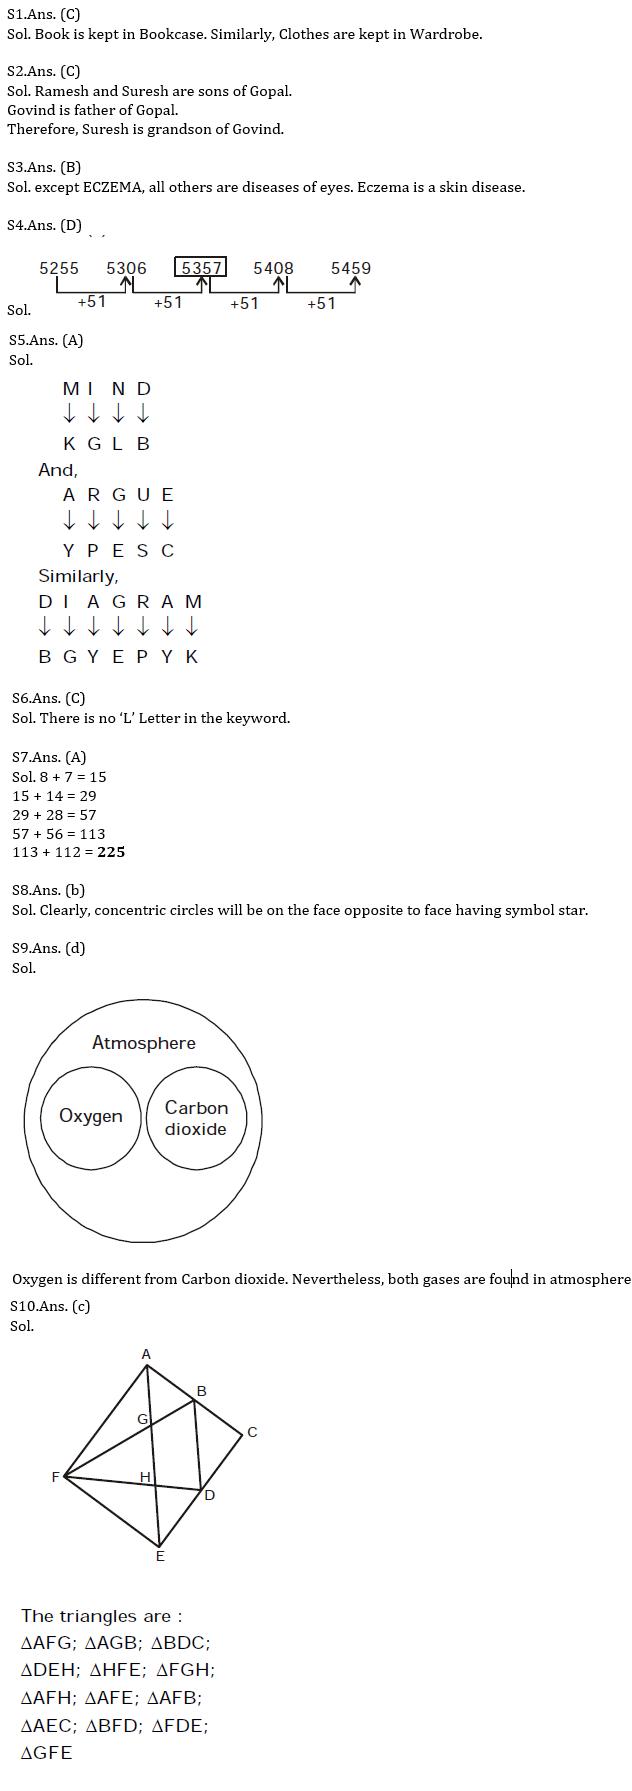 टारगेट SSC परीक्षा 2021-22 | 10000+ प्रश्न | रीजनिंग क्विज अभी करें एटेम्पट | 231 वाँ दिन_90.1